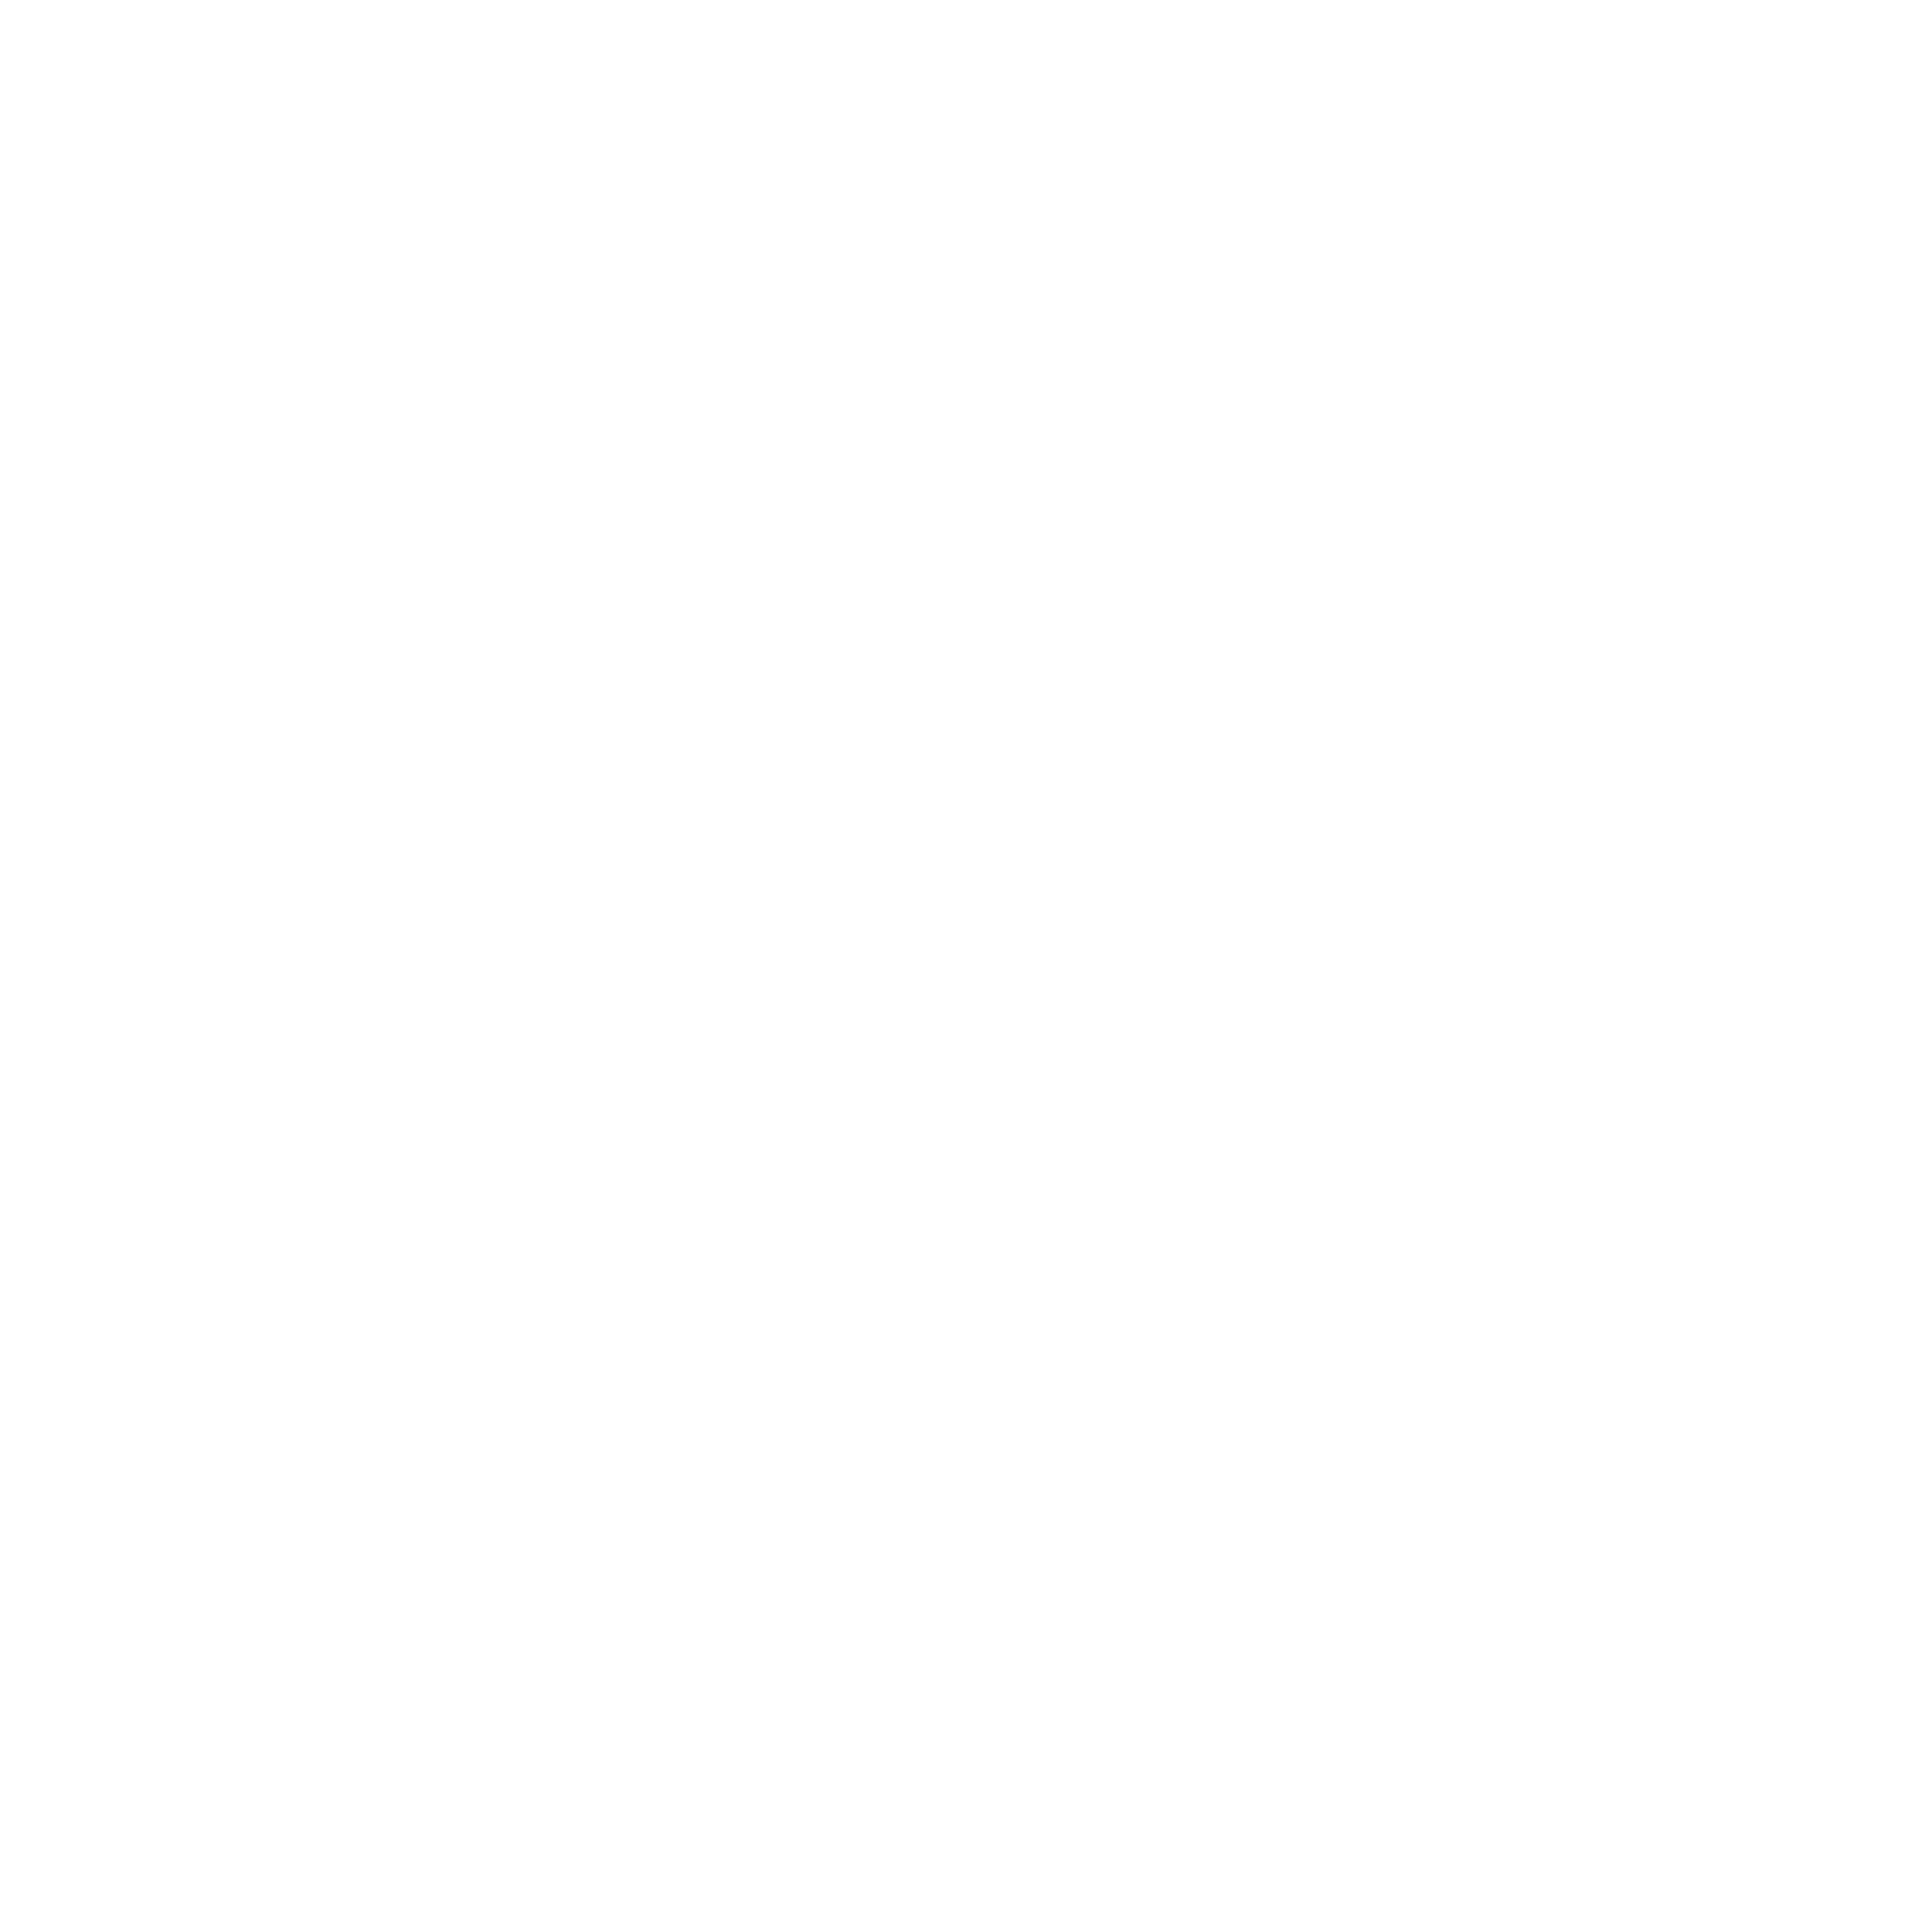 Sac-à-dos recyclé chiné